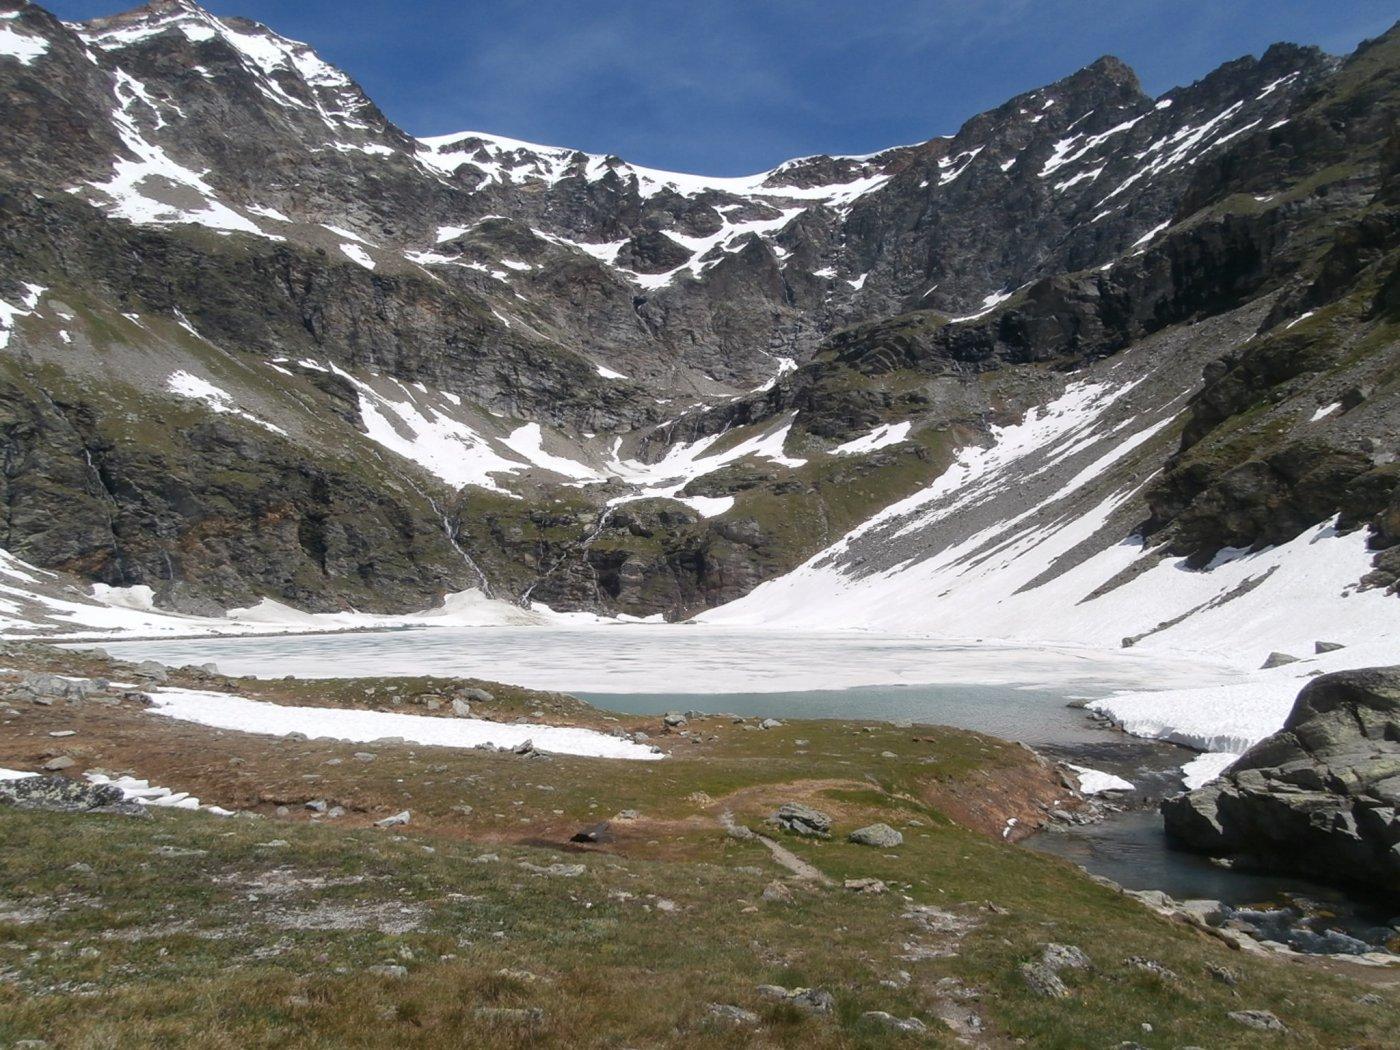 il lago ancora ghiacciato in superficie...